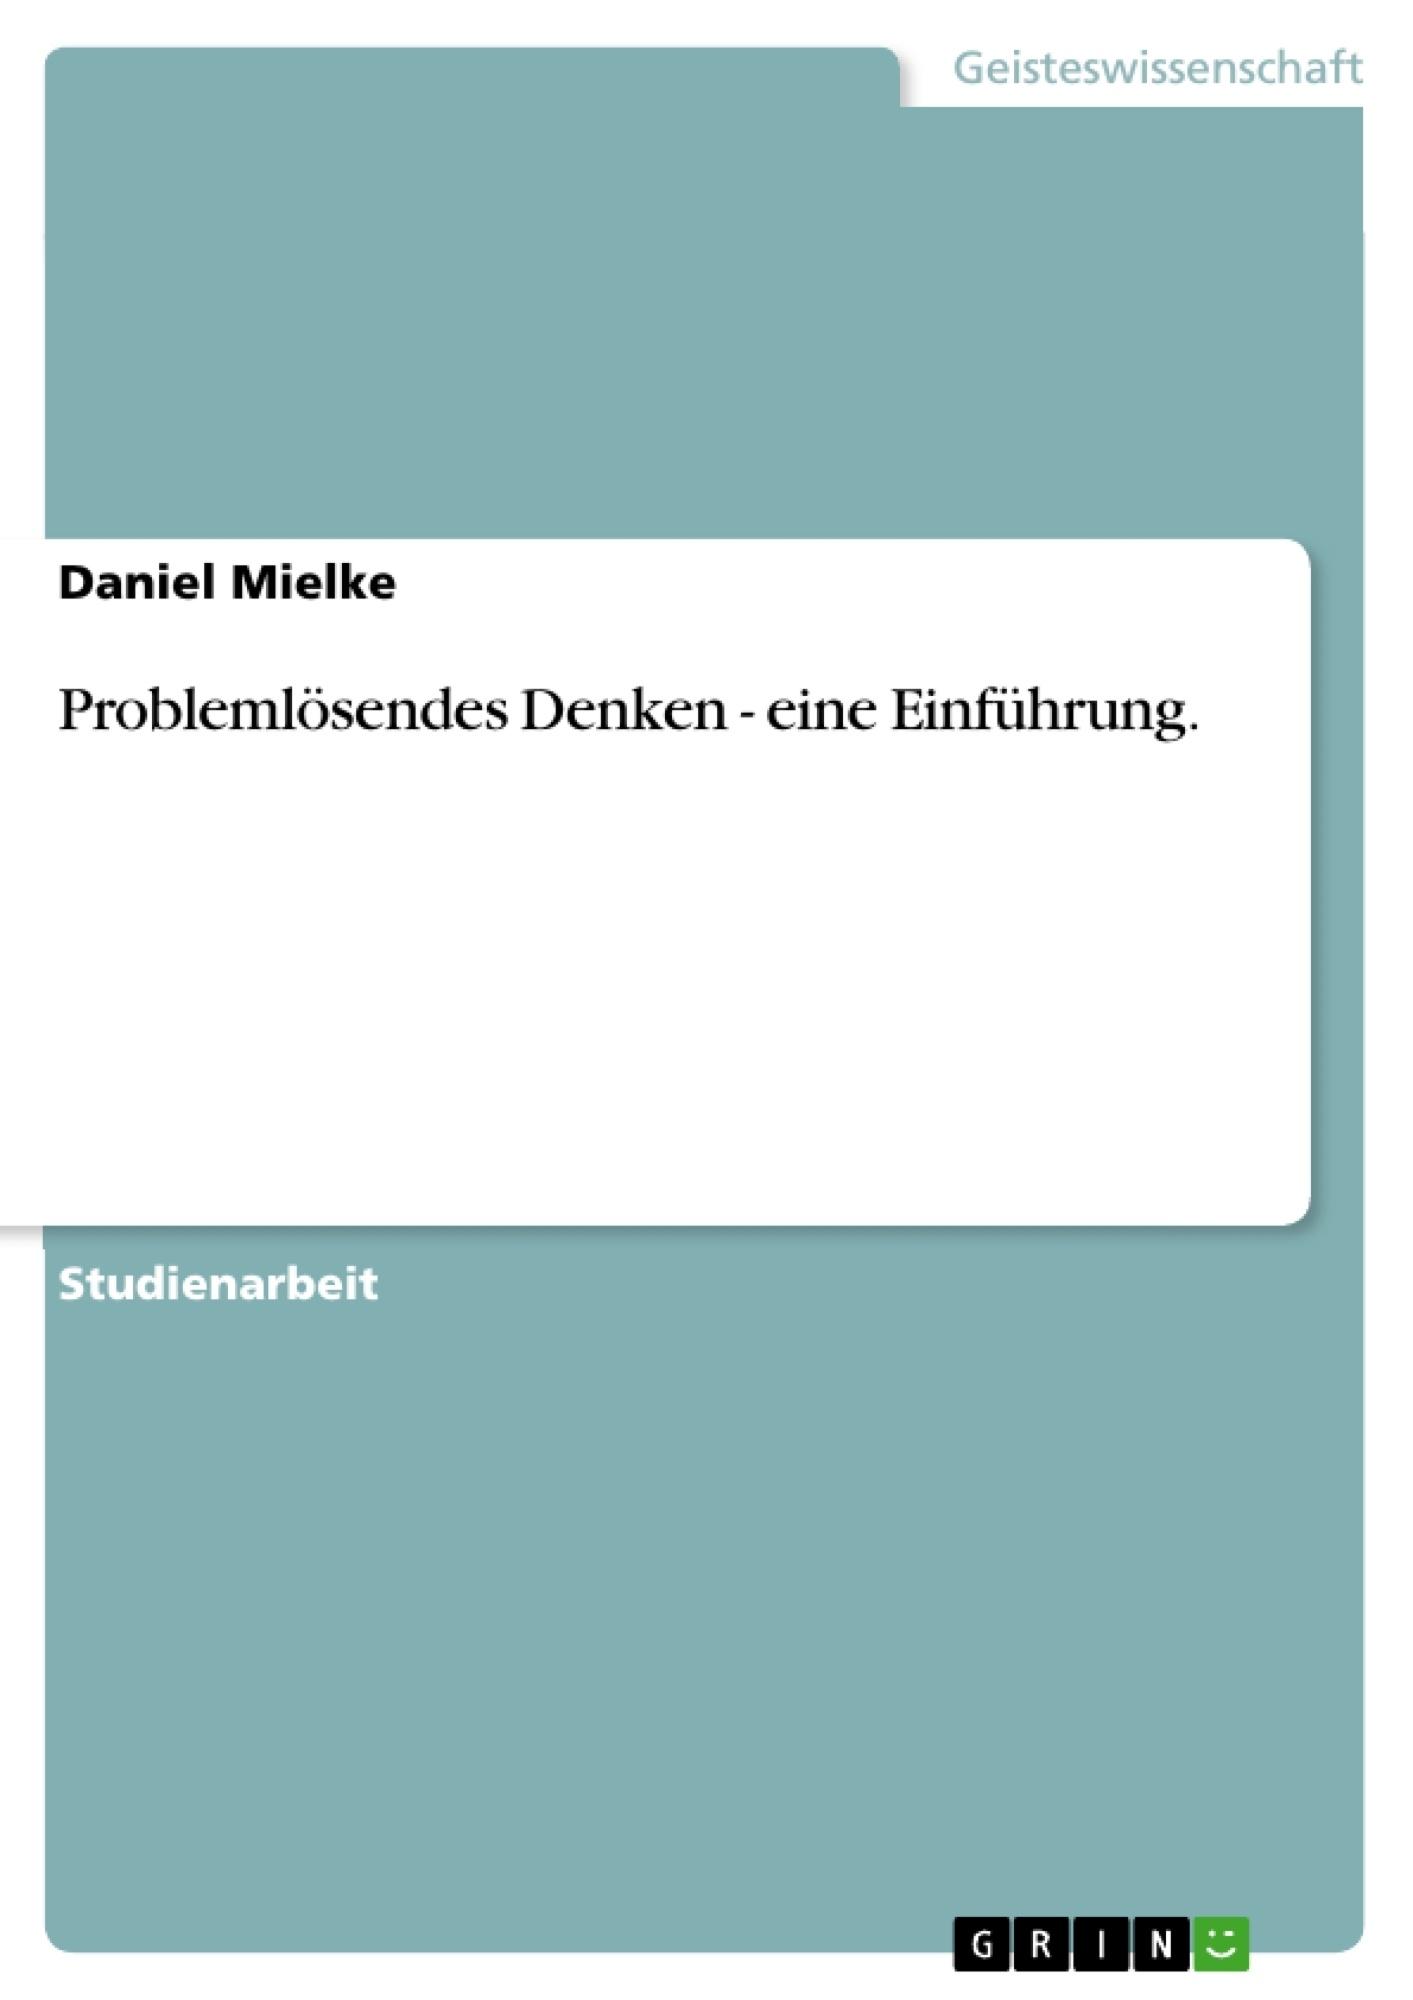 Titel: Problemlösendes Denken - eine Einführung.